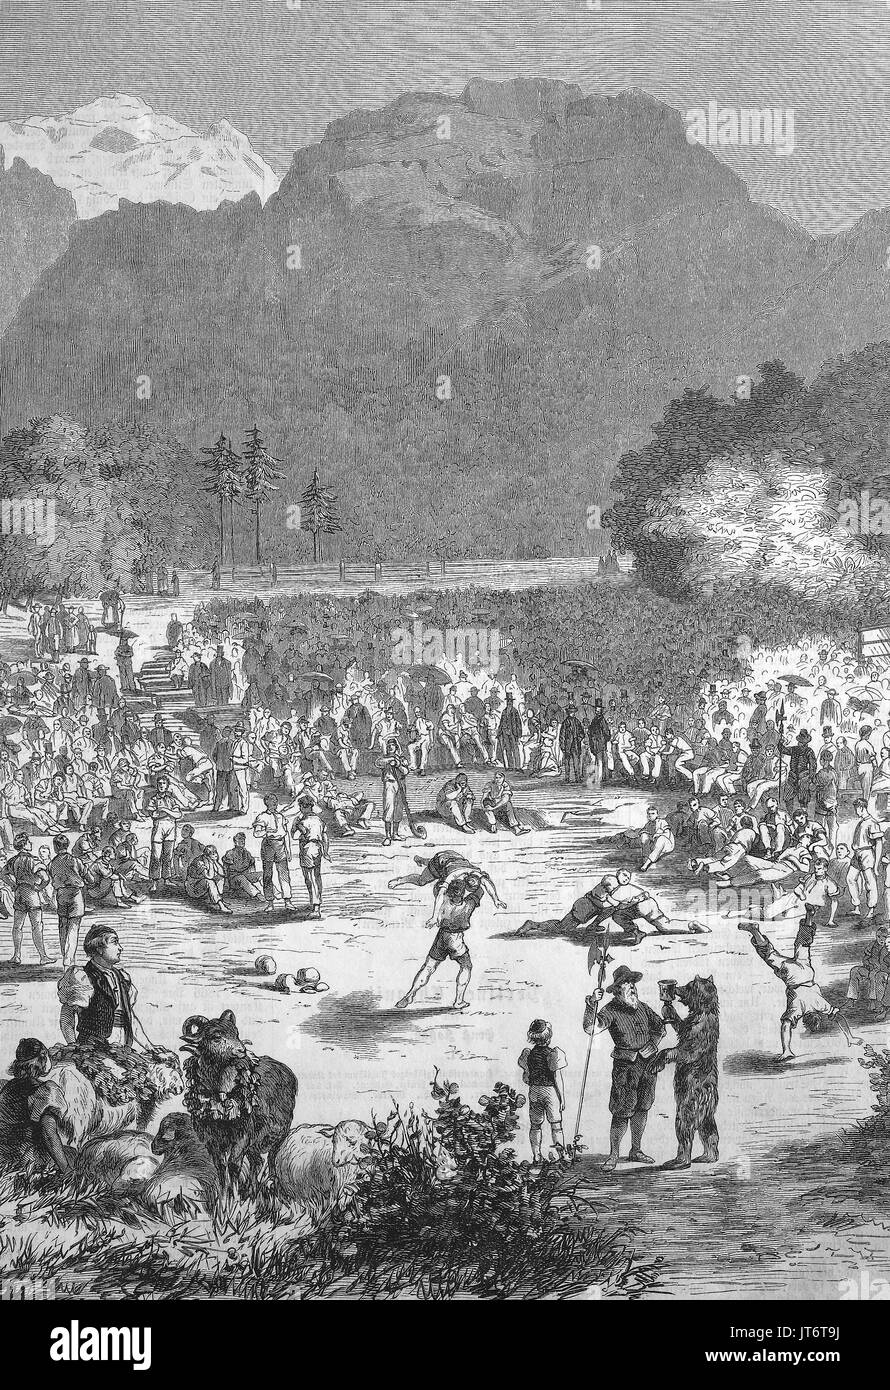 Un Schwingerfest a Interlaken, Svizzera, Schwingen noto anche come Swiss wrestling e Hoselupf, calzoncini-sollevamento, è uno stile di musica folk nativo di wrestling alla Svizzera, digitale migliorata la riproduzione di un immagine pubblicata tra 1880 - 1885 Immagini Stock